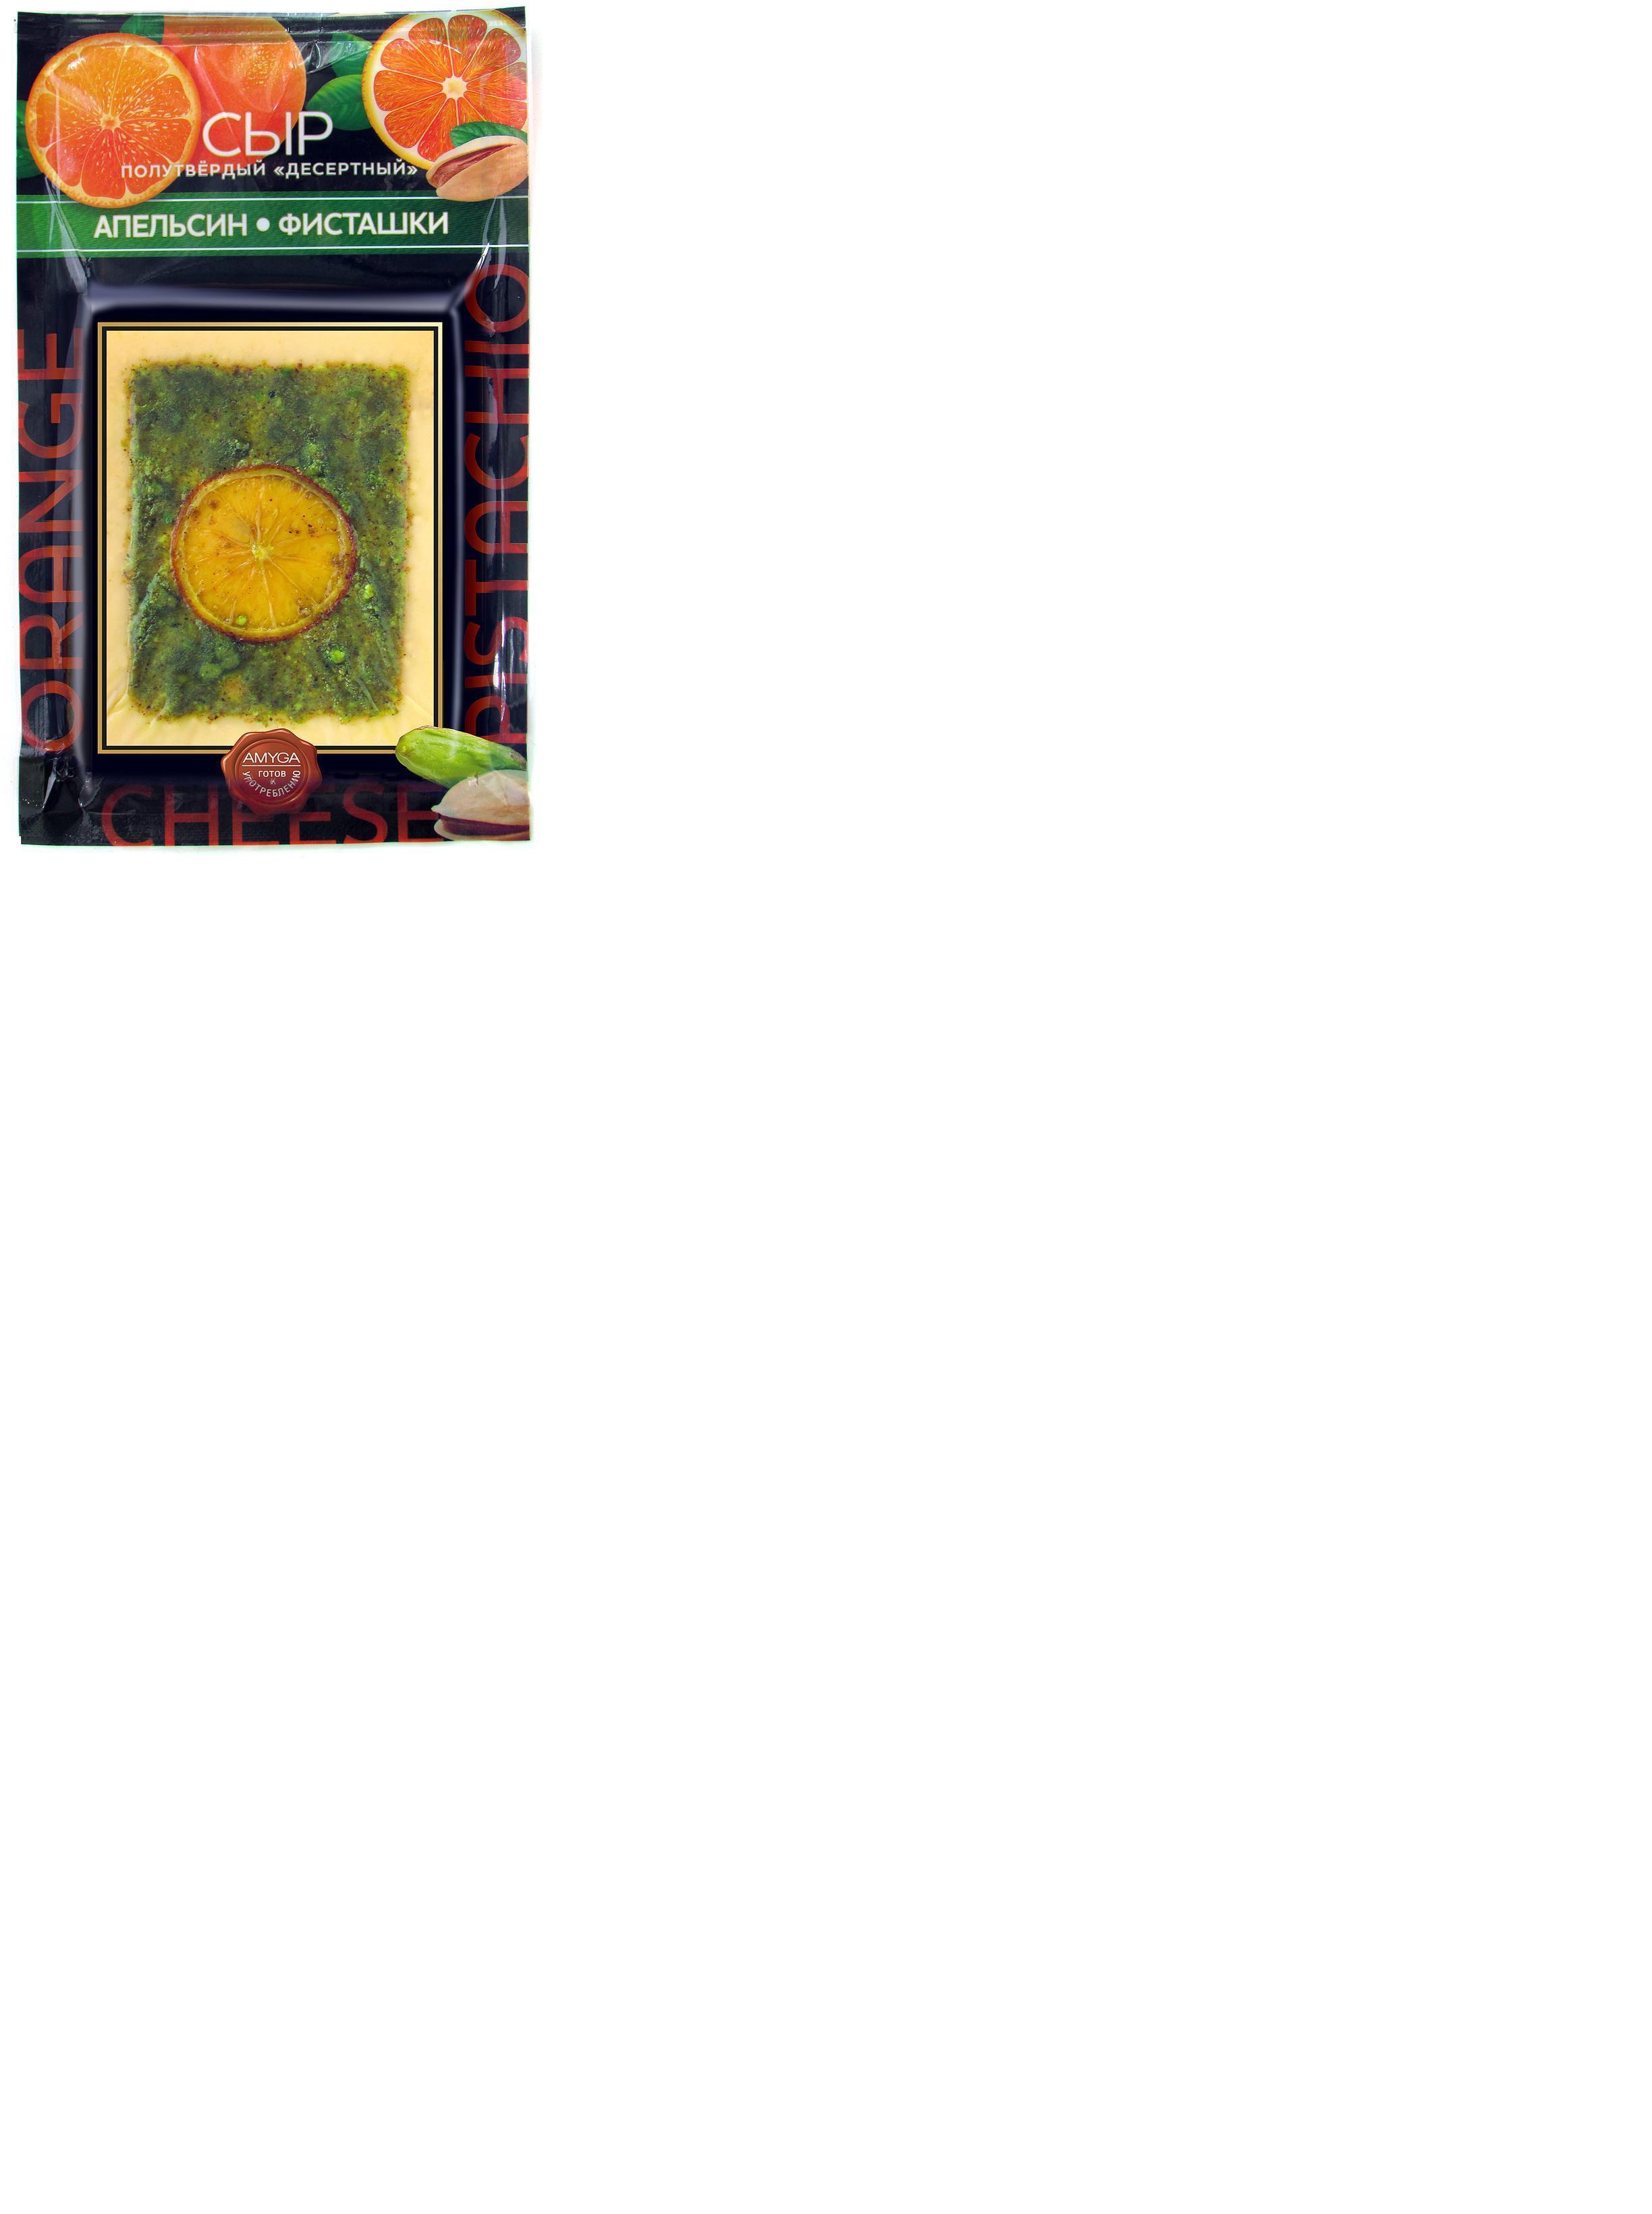 Amyga Сыр Десертный с Апельсином и Фисташками, 150 г село зеленое сыр гауда премиум 40% 250 г